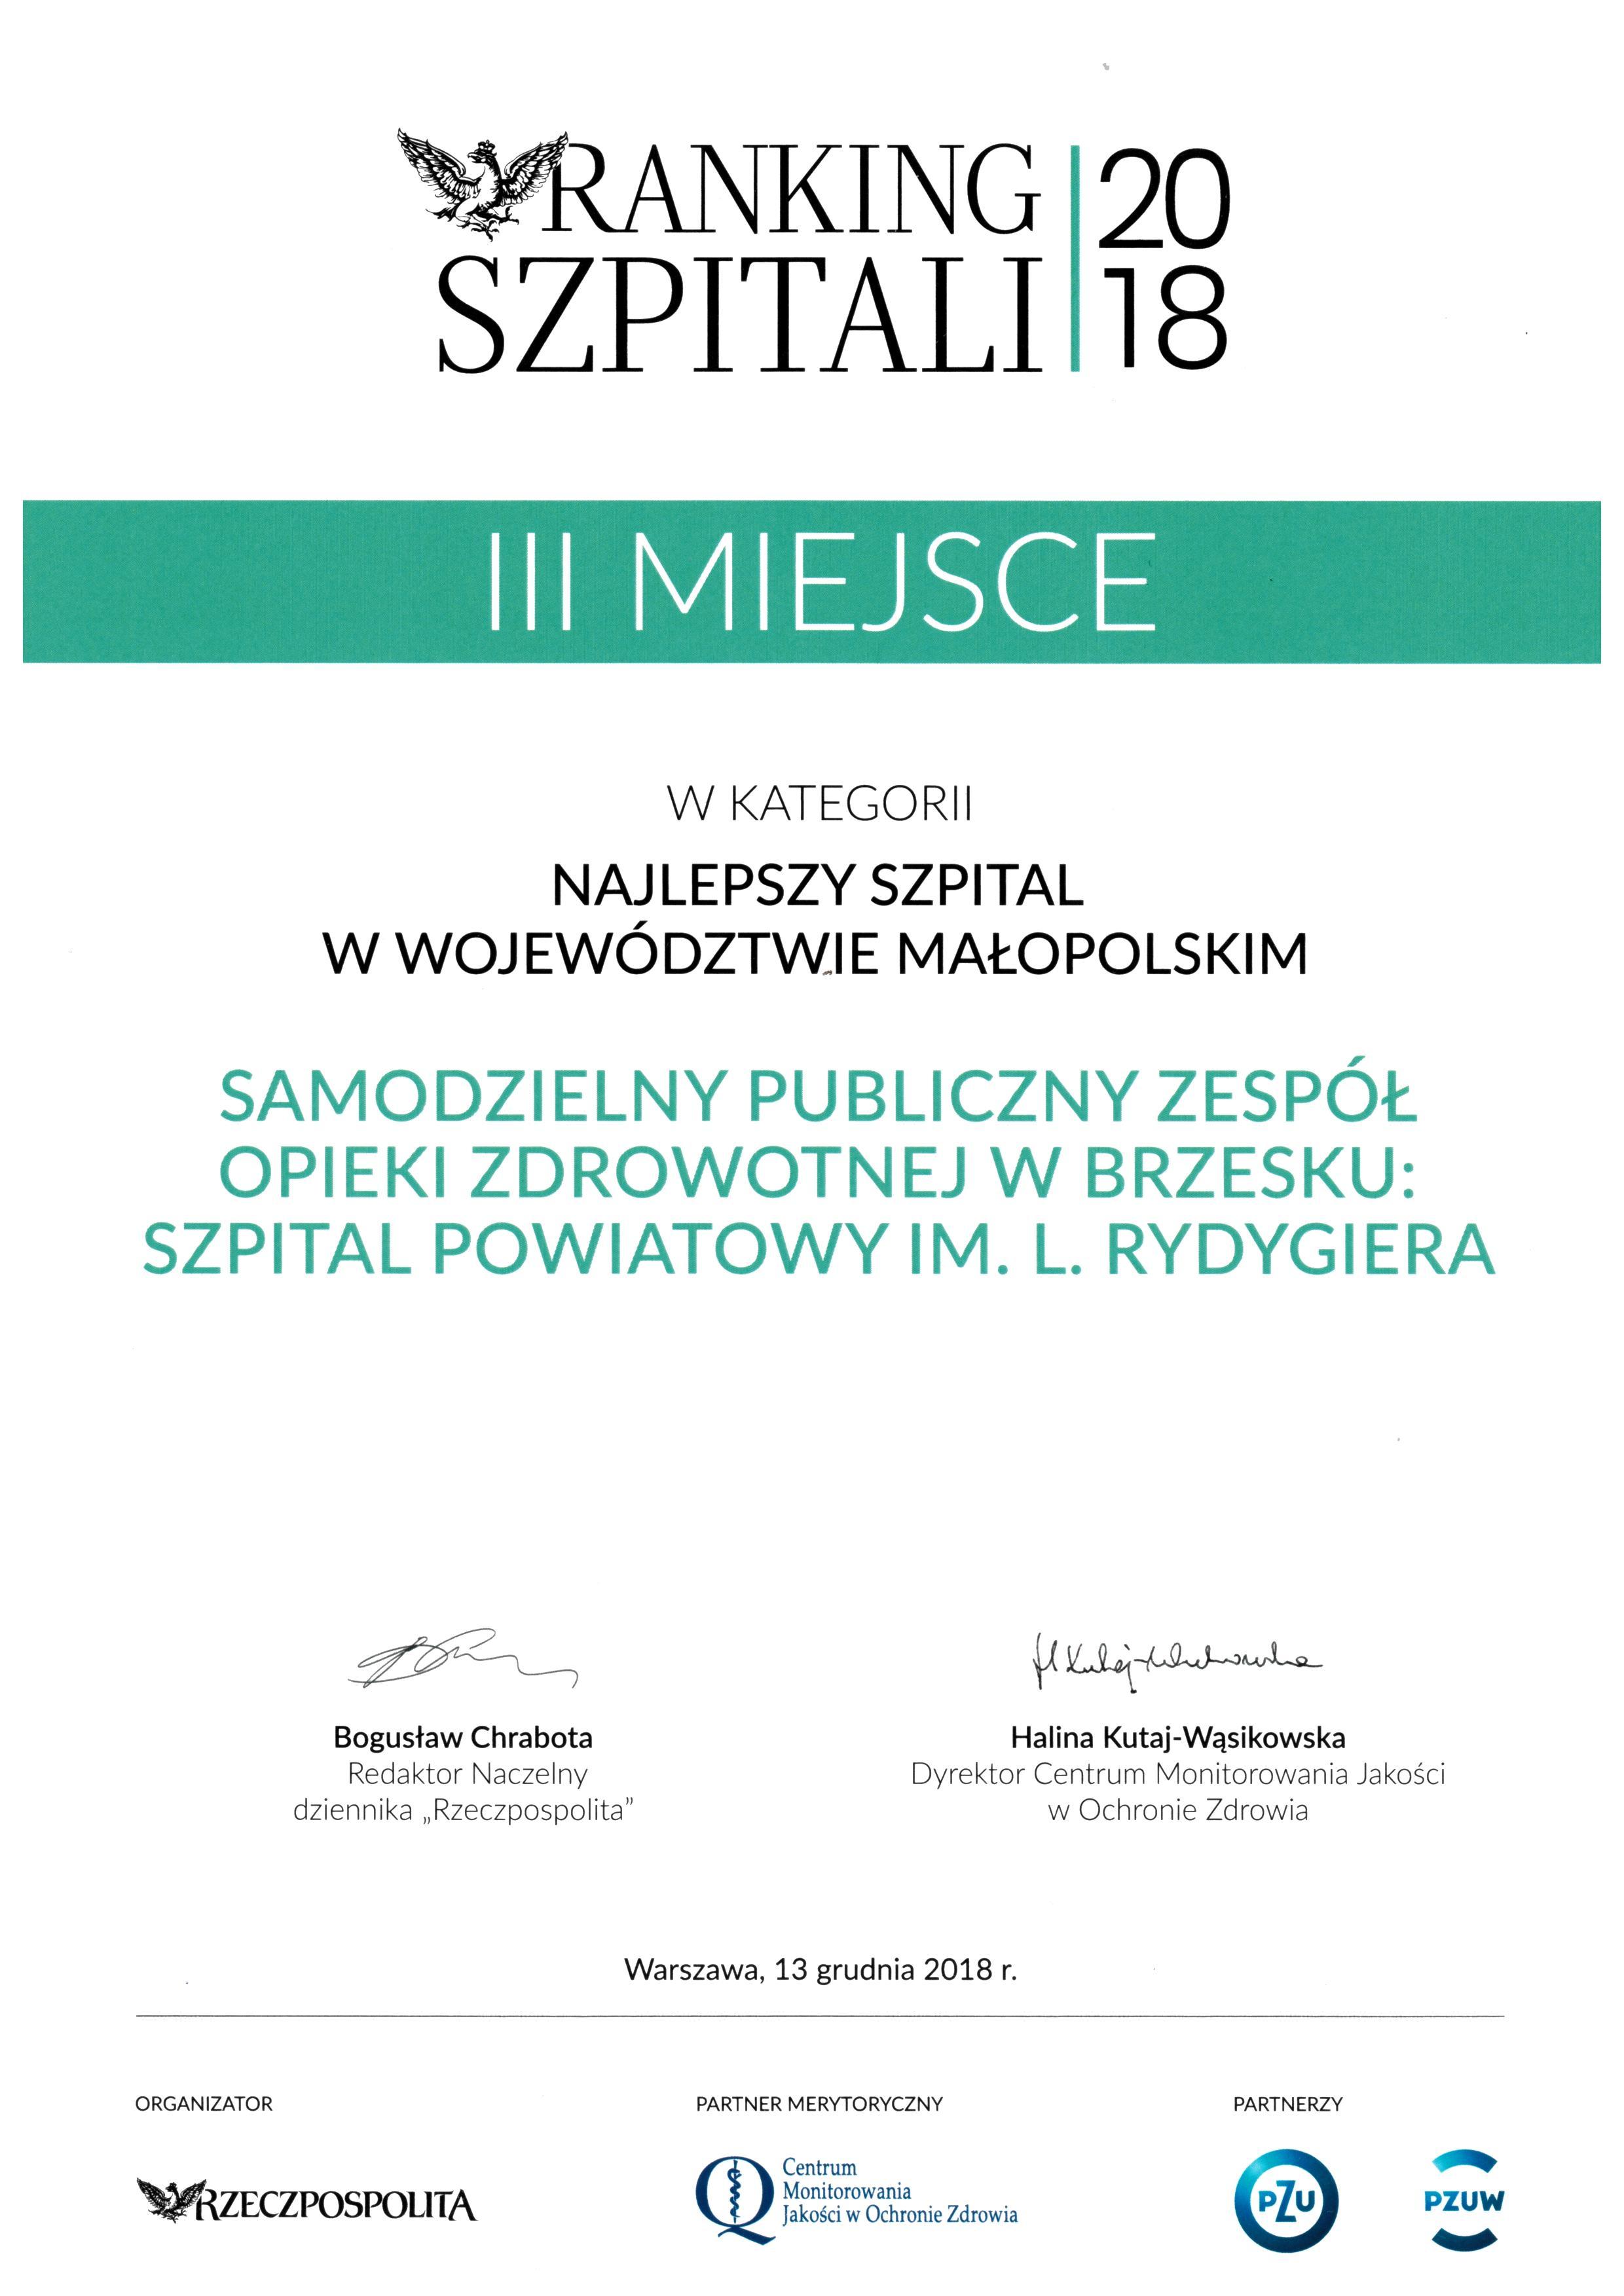 Dyplom III miejsce najlepszy szpital w małopolsce